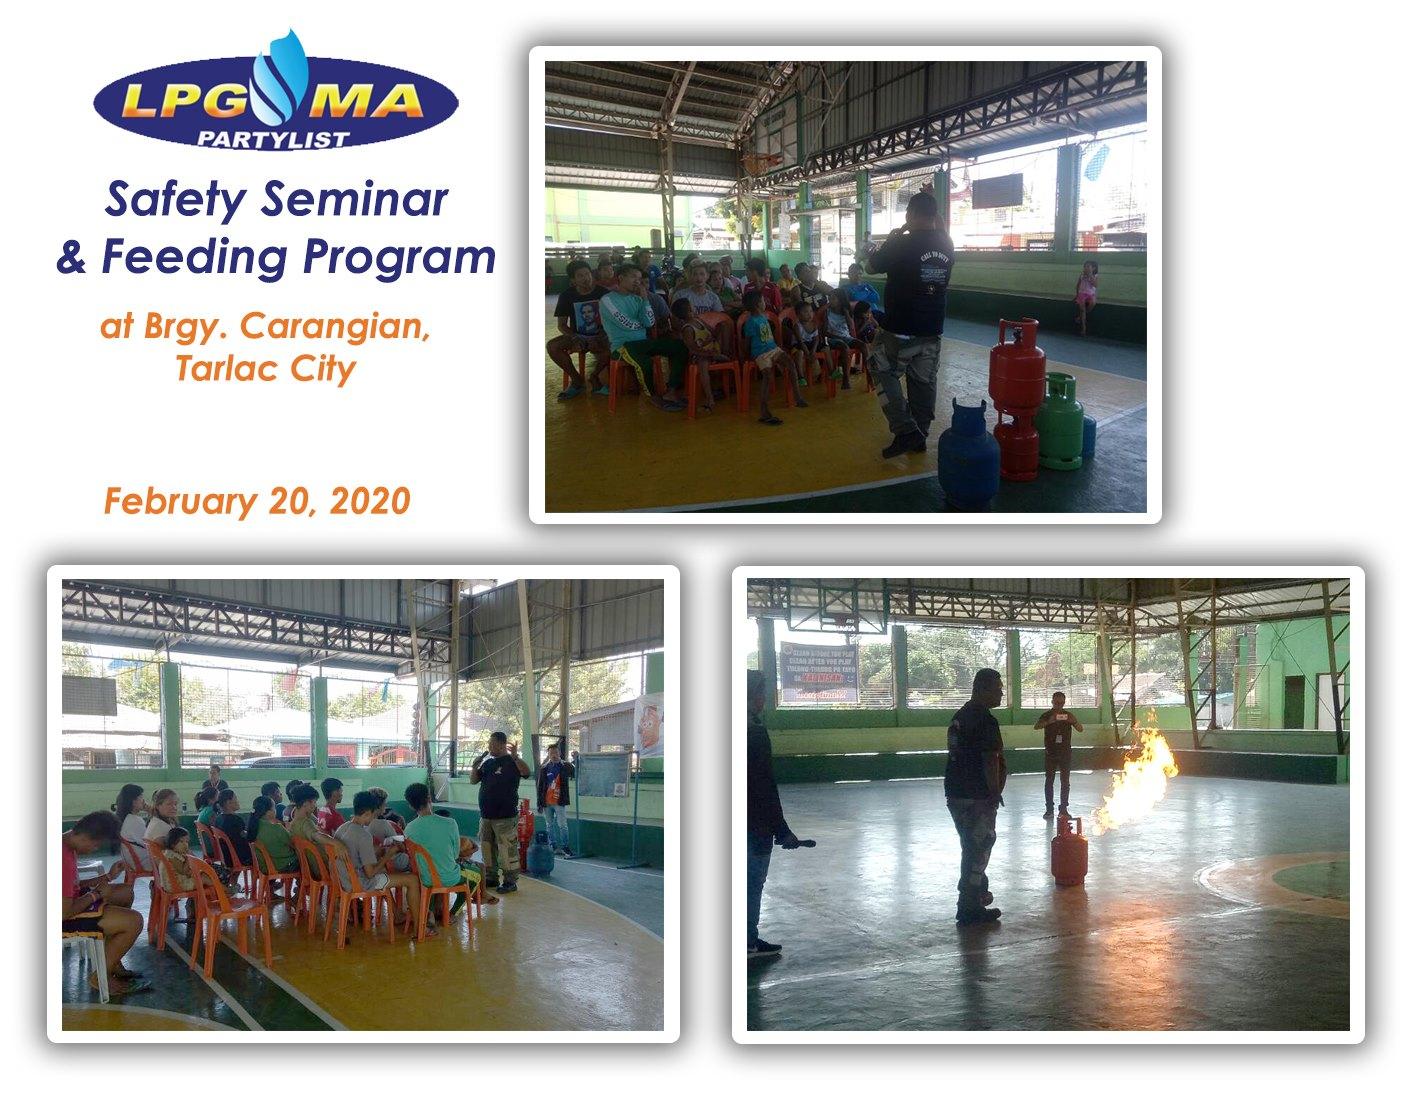 lpgma-safety-seminar-tarlac